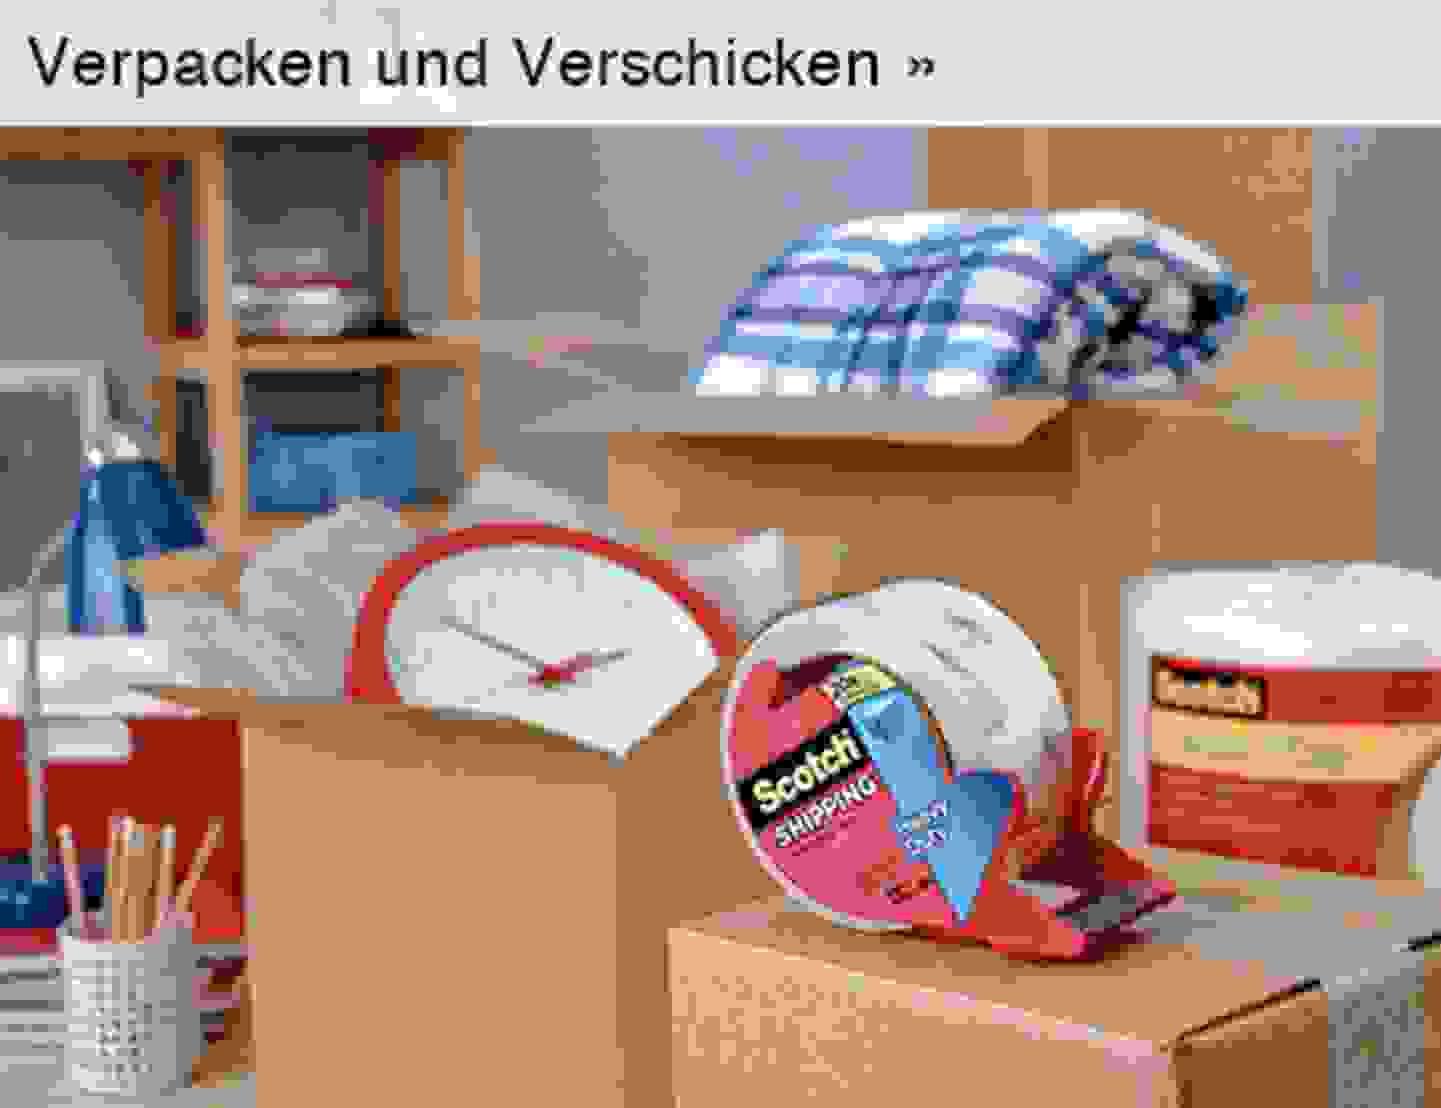 Verpacken und Verschicken